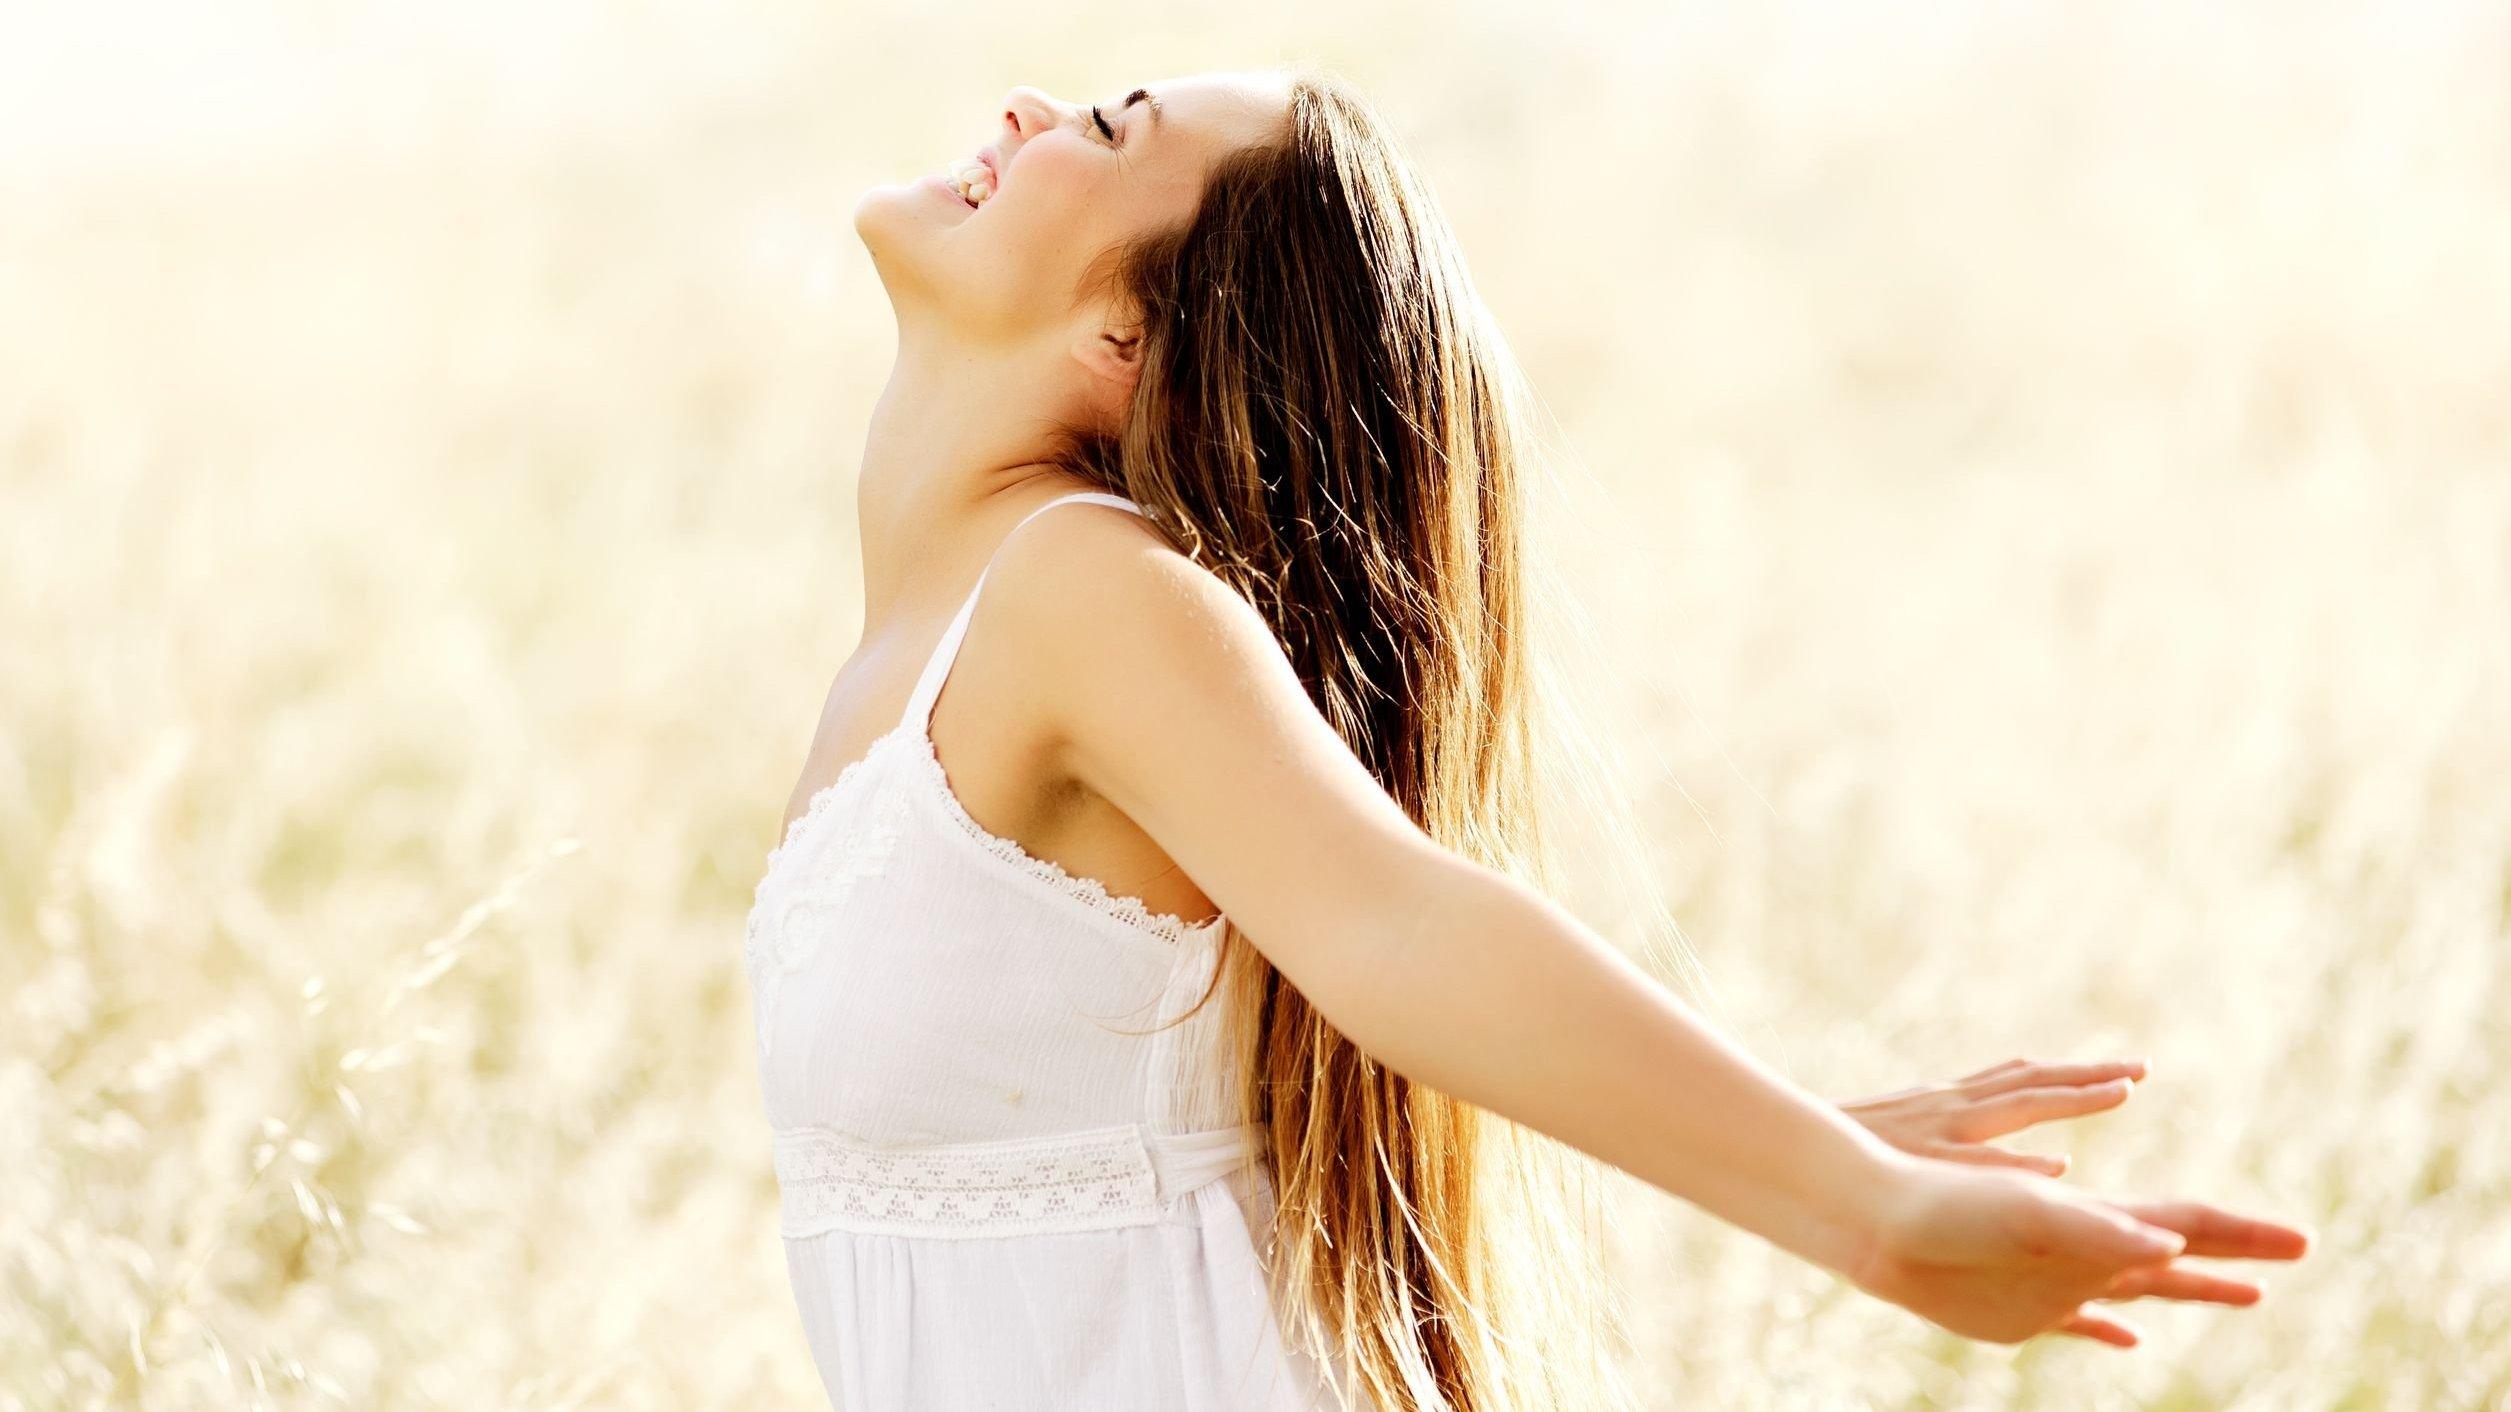 Mulher sorrindo de braços abertos em um campo.